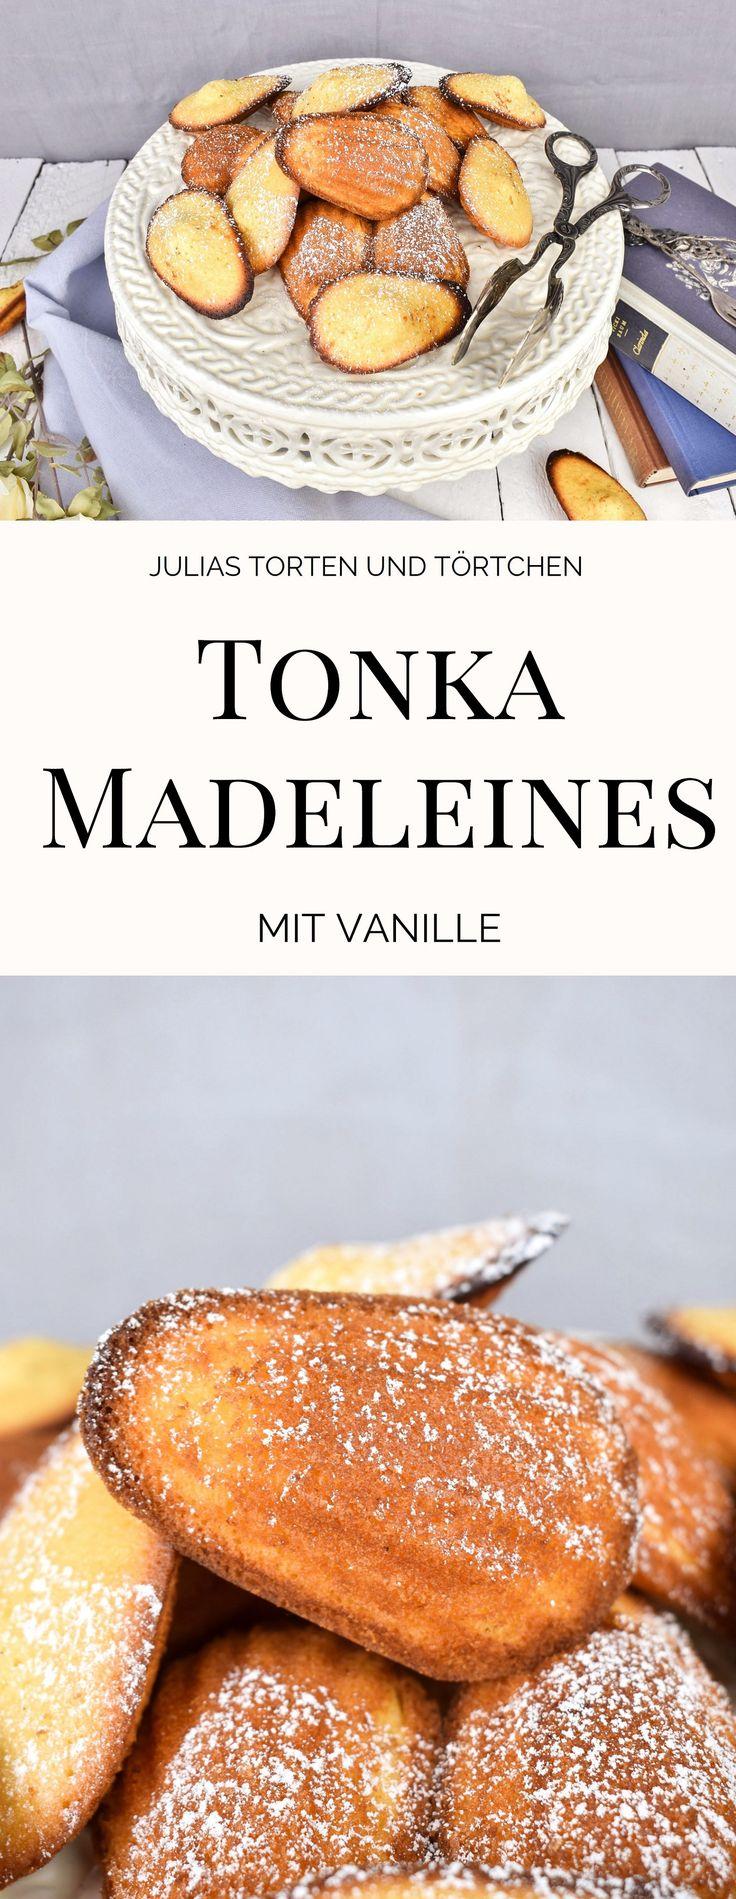 Einfaches Rezept zum backen von französischen Madeleines mit Tonkabohne  #Madeleines #Tonkabohne